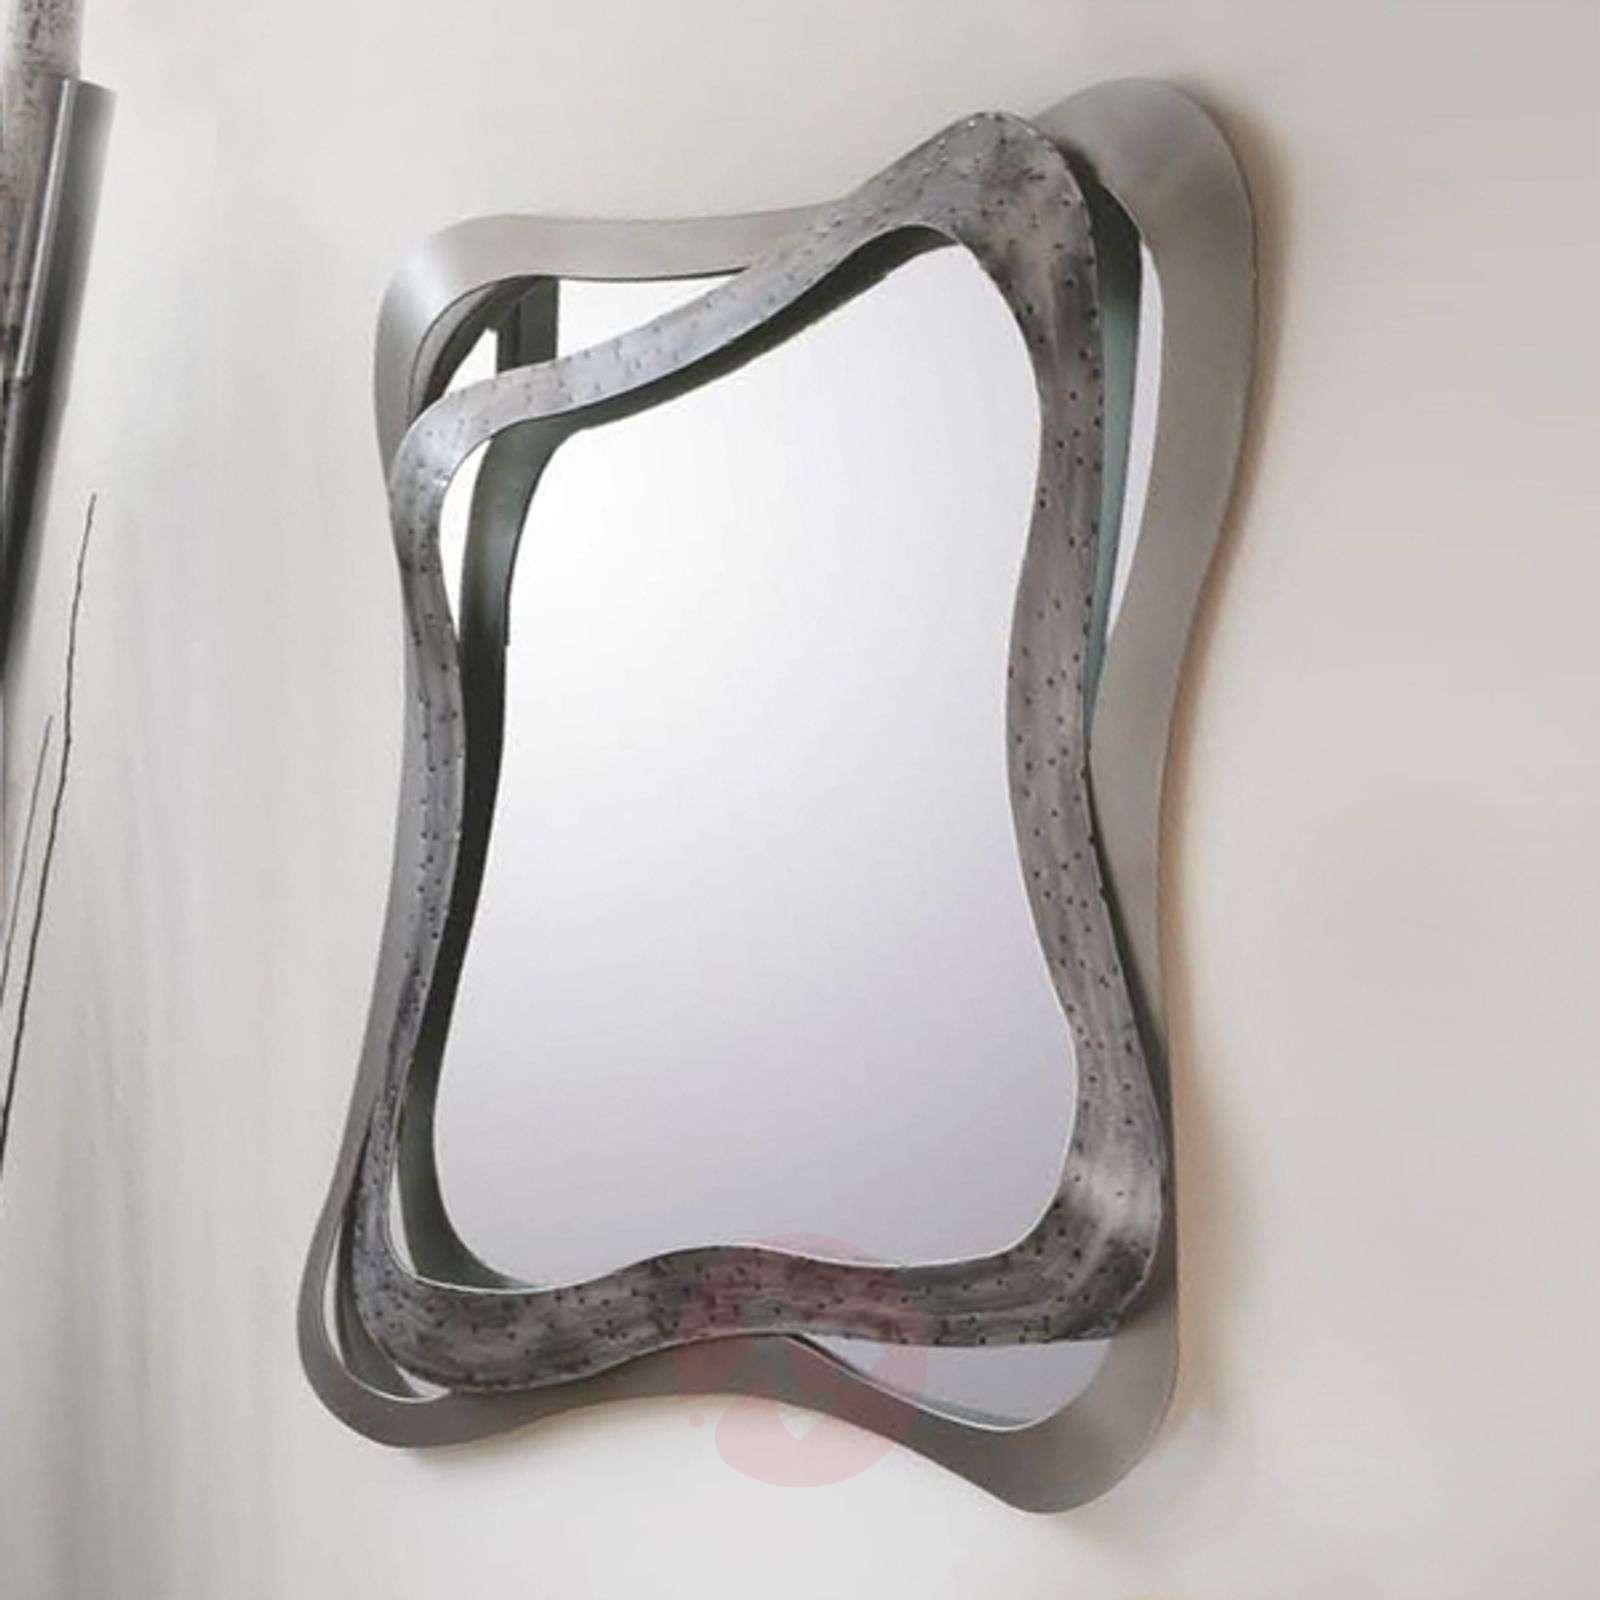 Designer wall mirror Gioiello-6532067-01